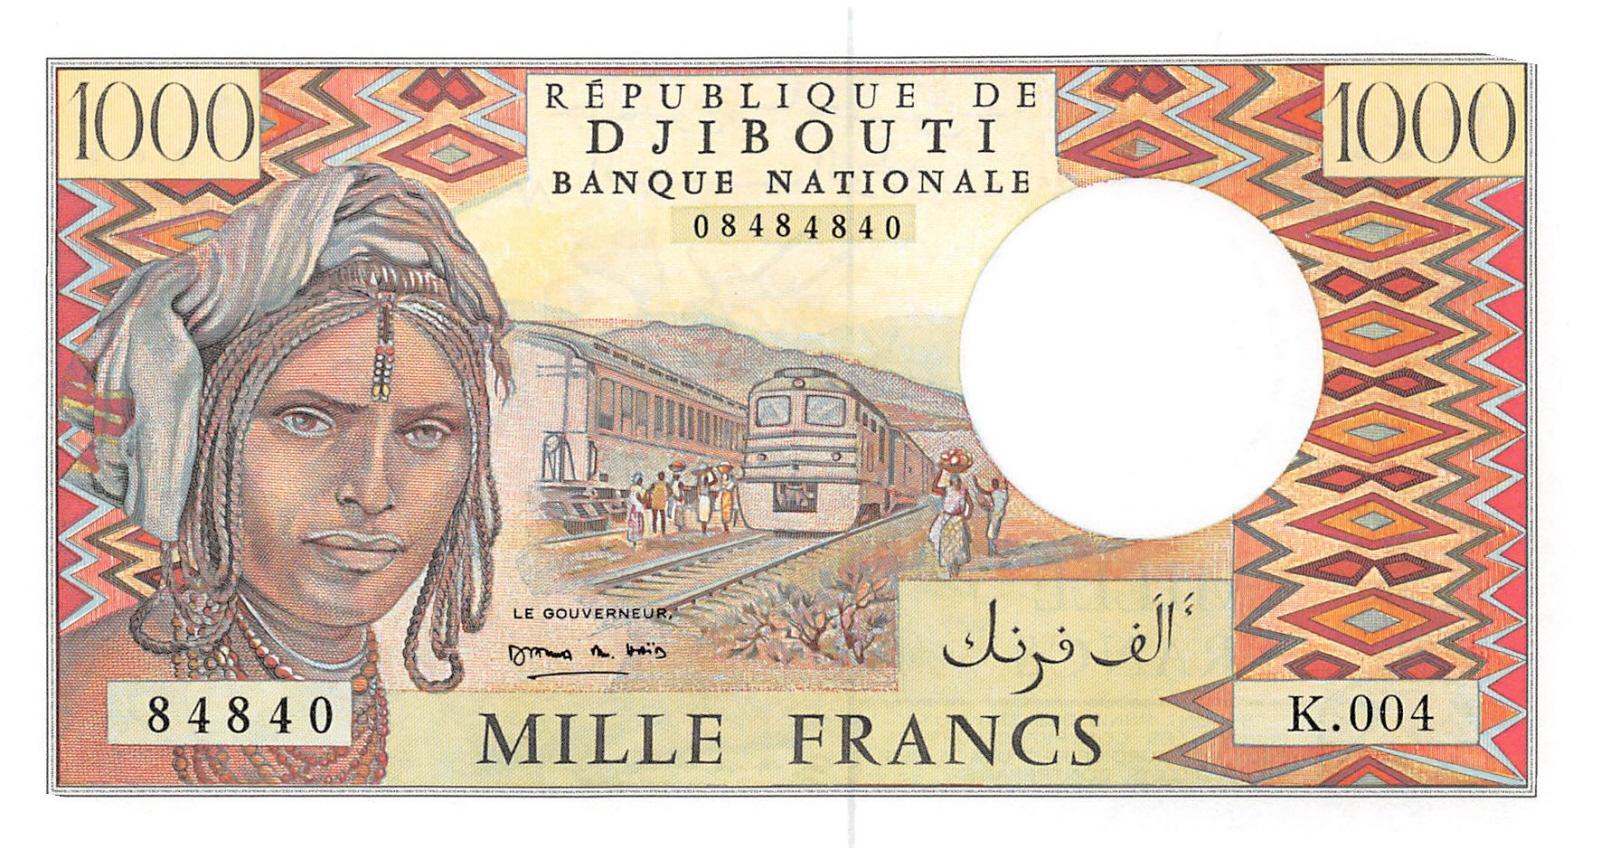 DJIBOUTI 1000 FRANCS 1988 P-37 UNC *//*